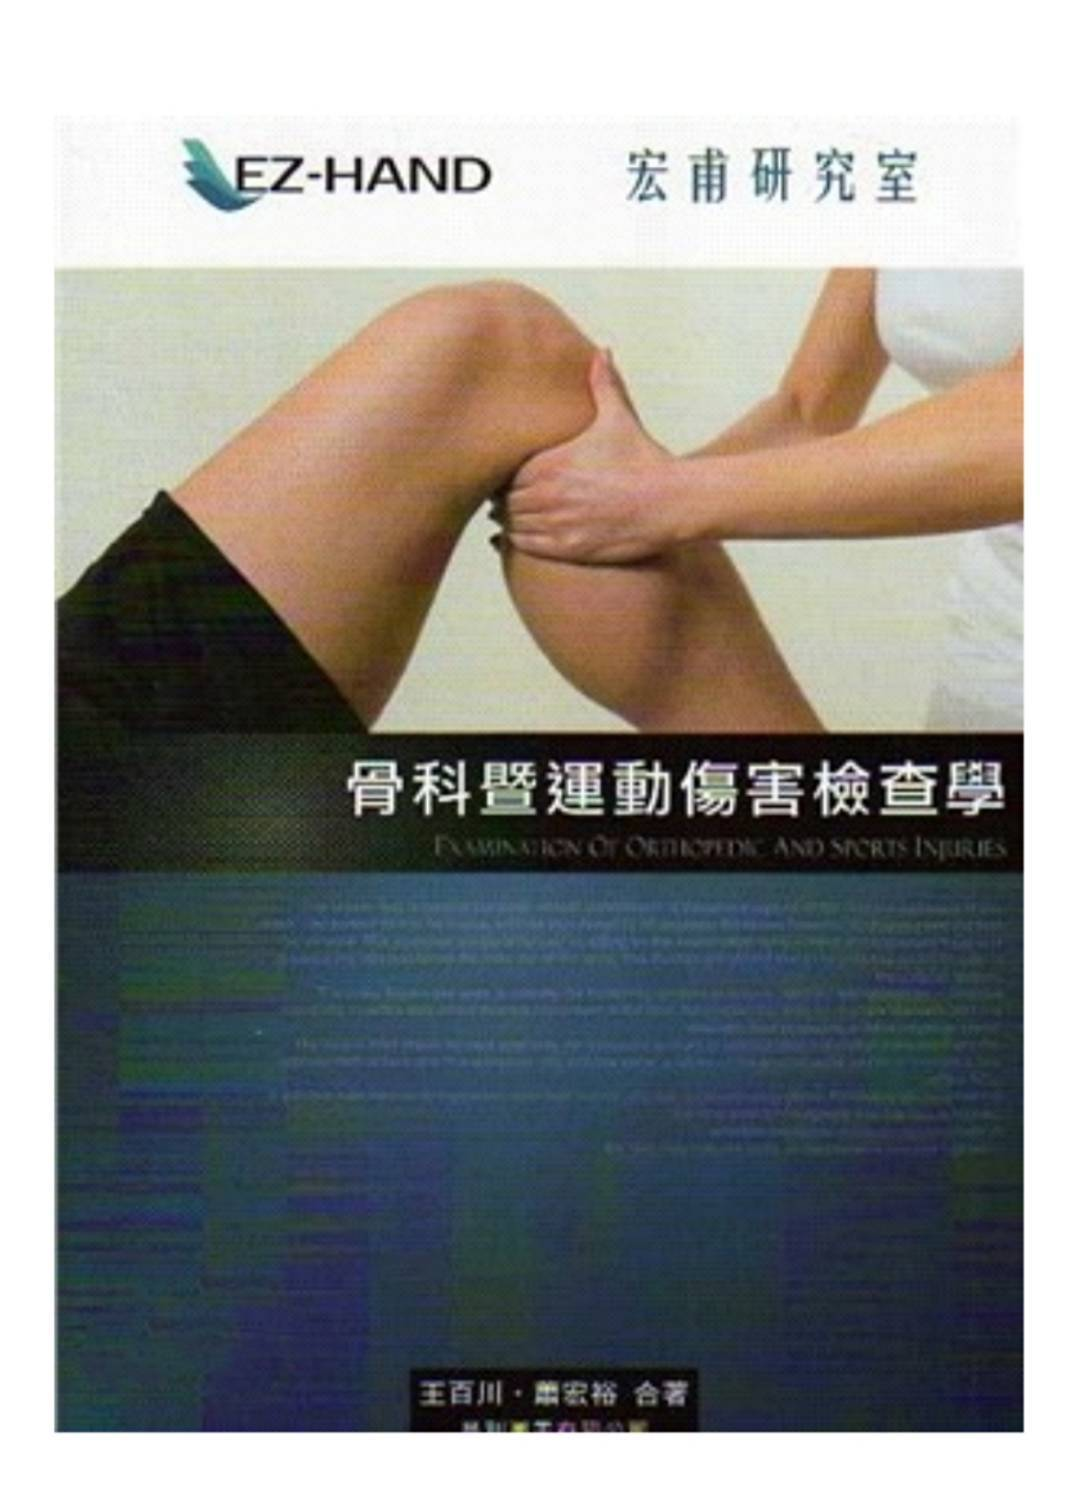 骨科運動傷害檢查學1.jpg